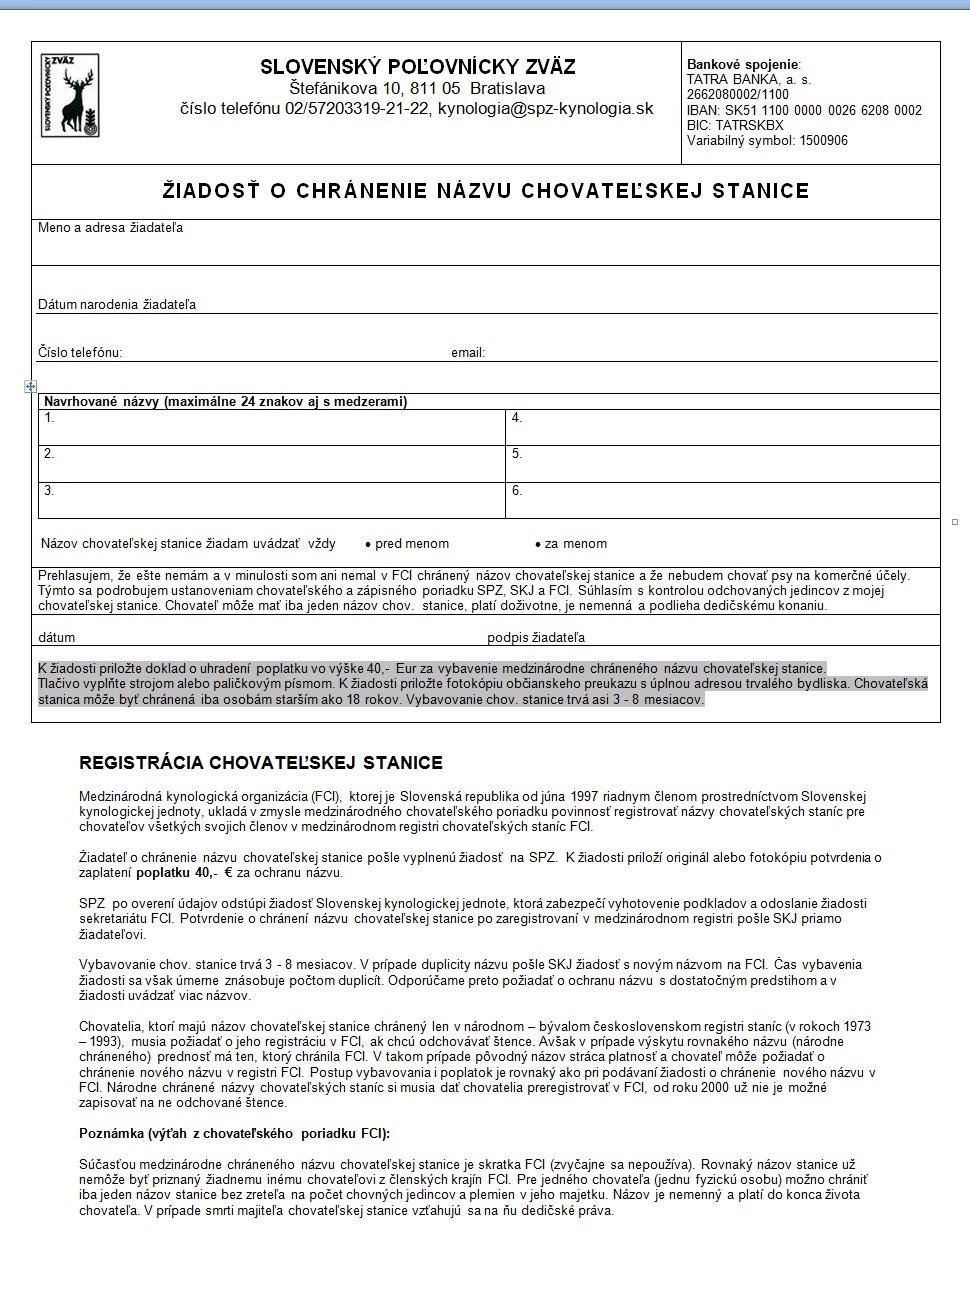 Žiadosť o chránenie názvu chovateľskej stanice